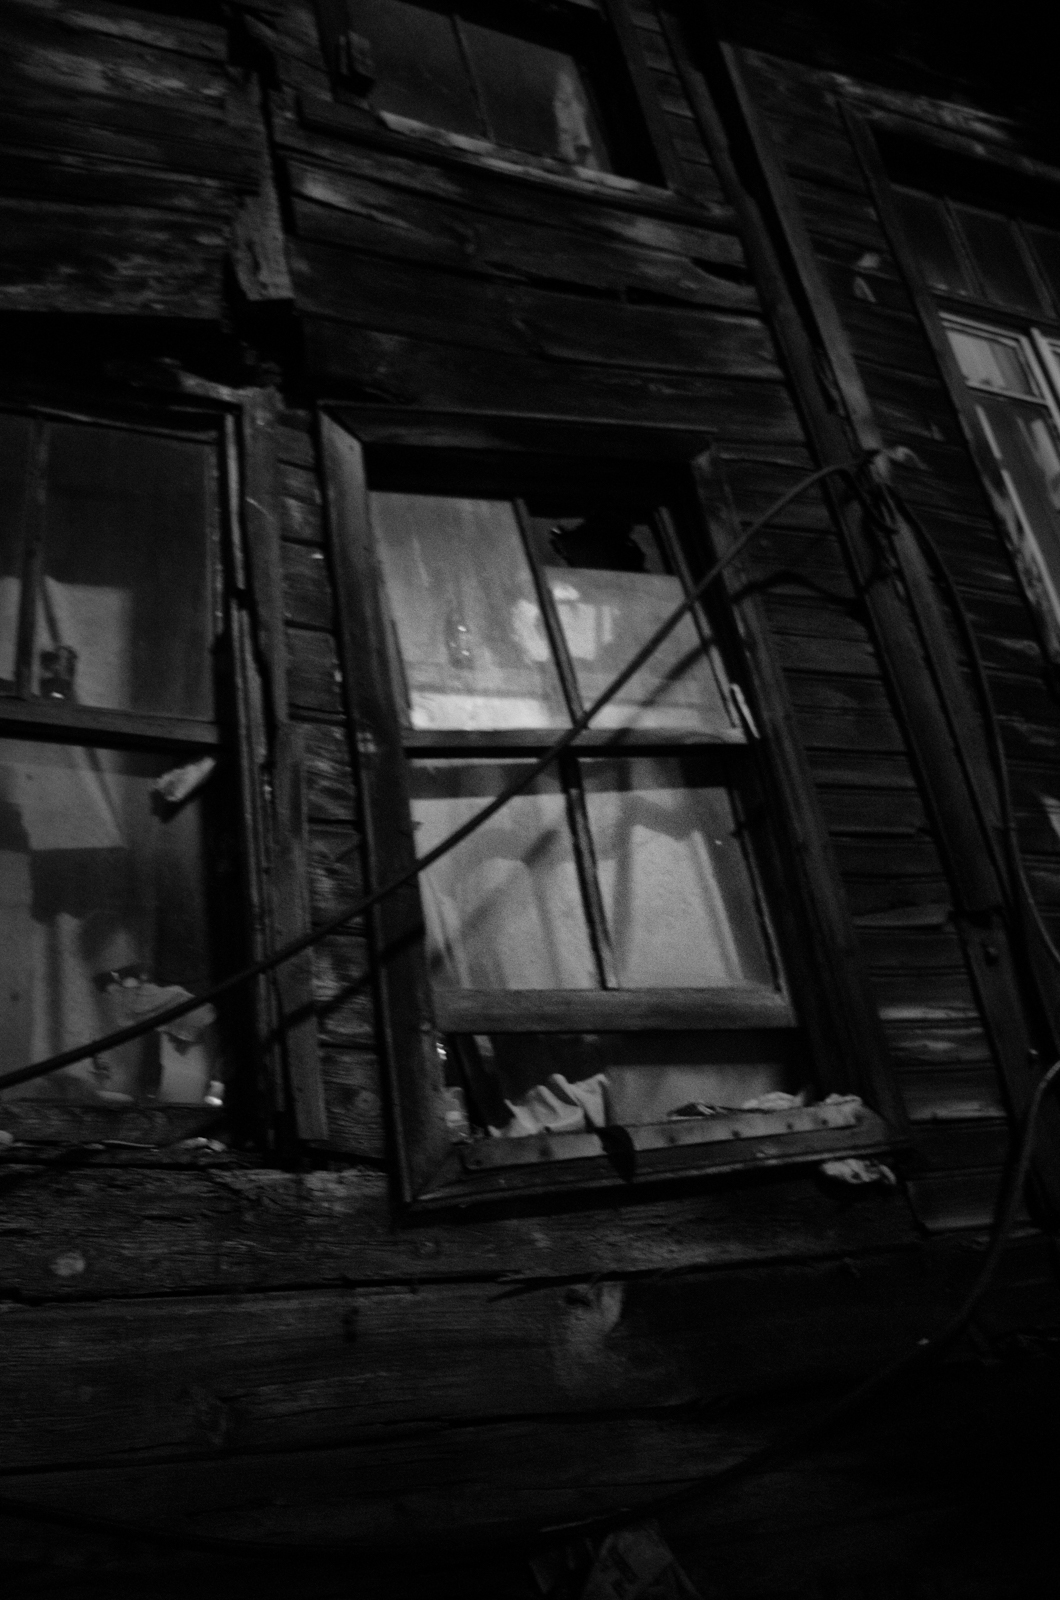 Bei vielen Holzhäuser ist der Verfall nicht mehr aufzuhalten